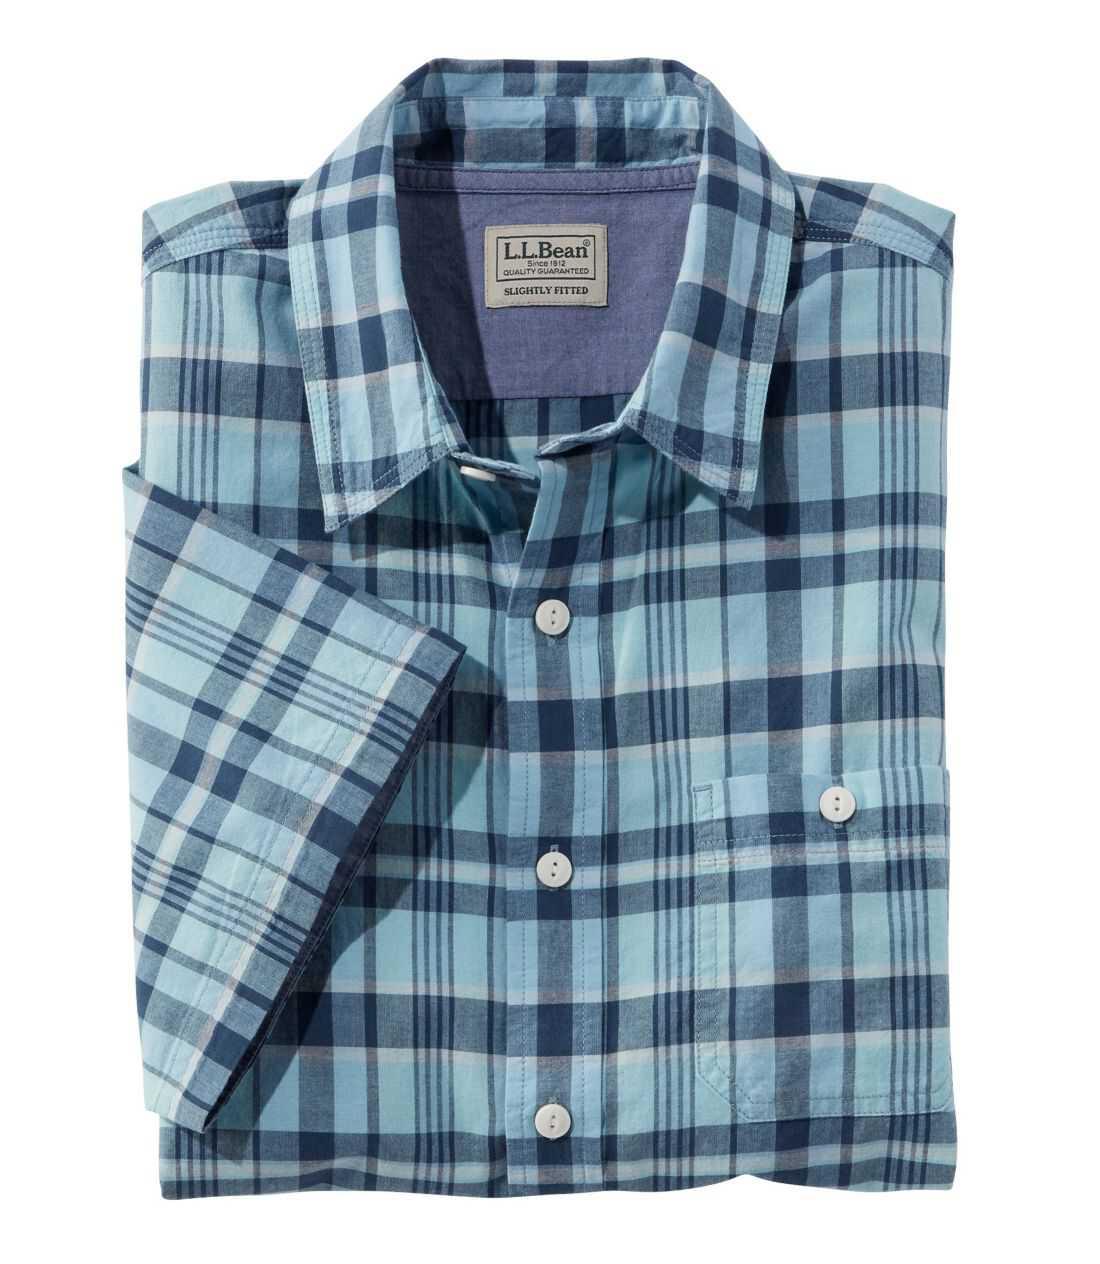 レイクウォッシュ・オーガニック・コットン・キャンプ・シャツ、半袖 プラッド